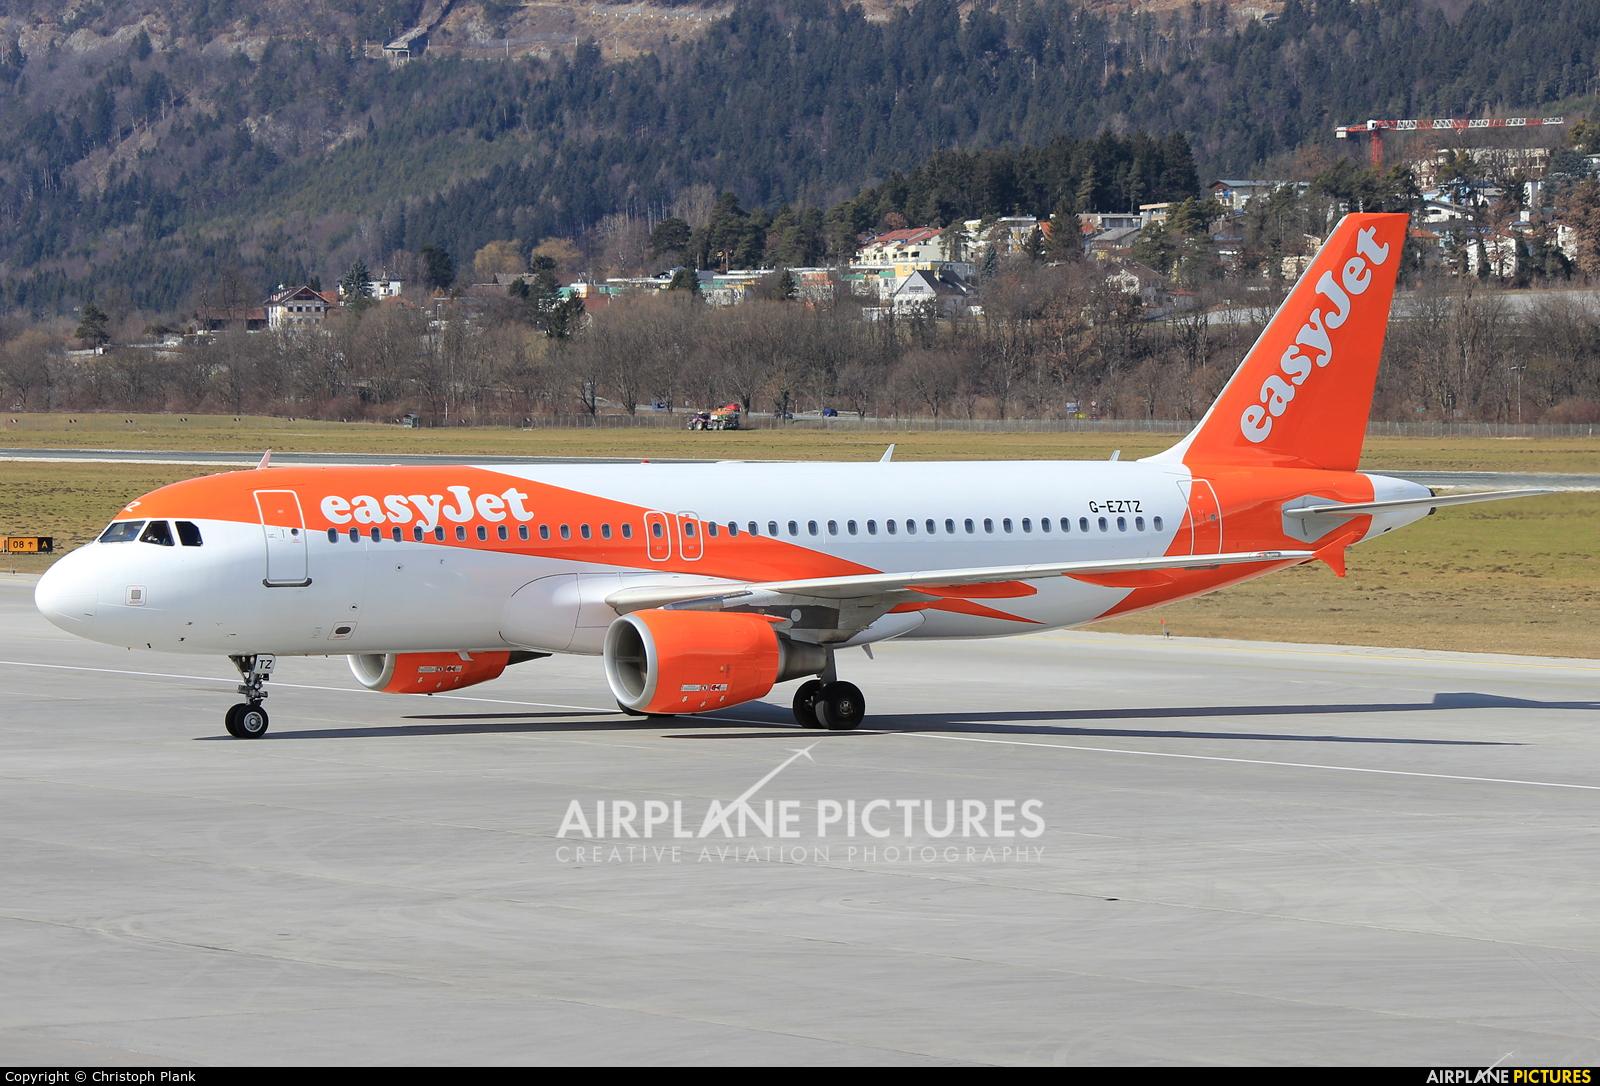 easyJet G-EZTZ aircraft at Innsbruck